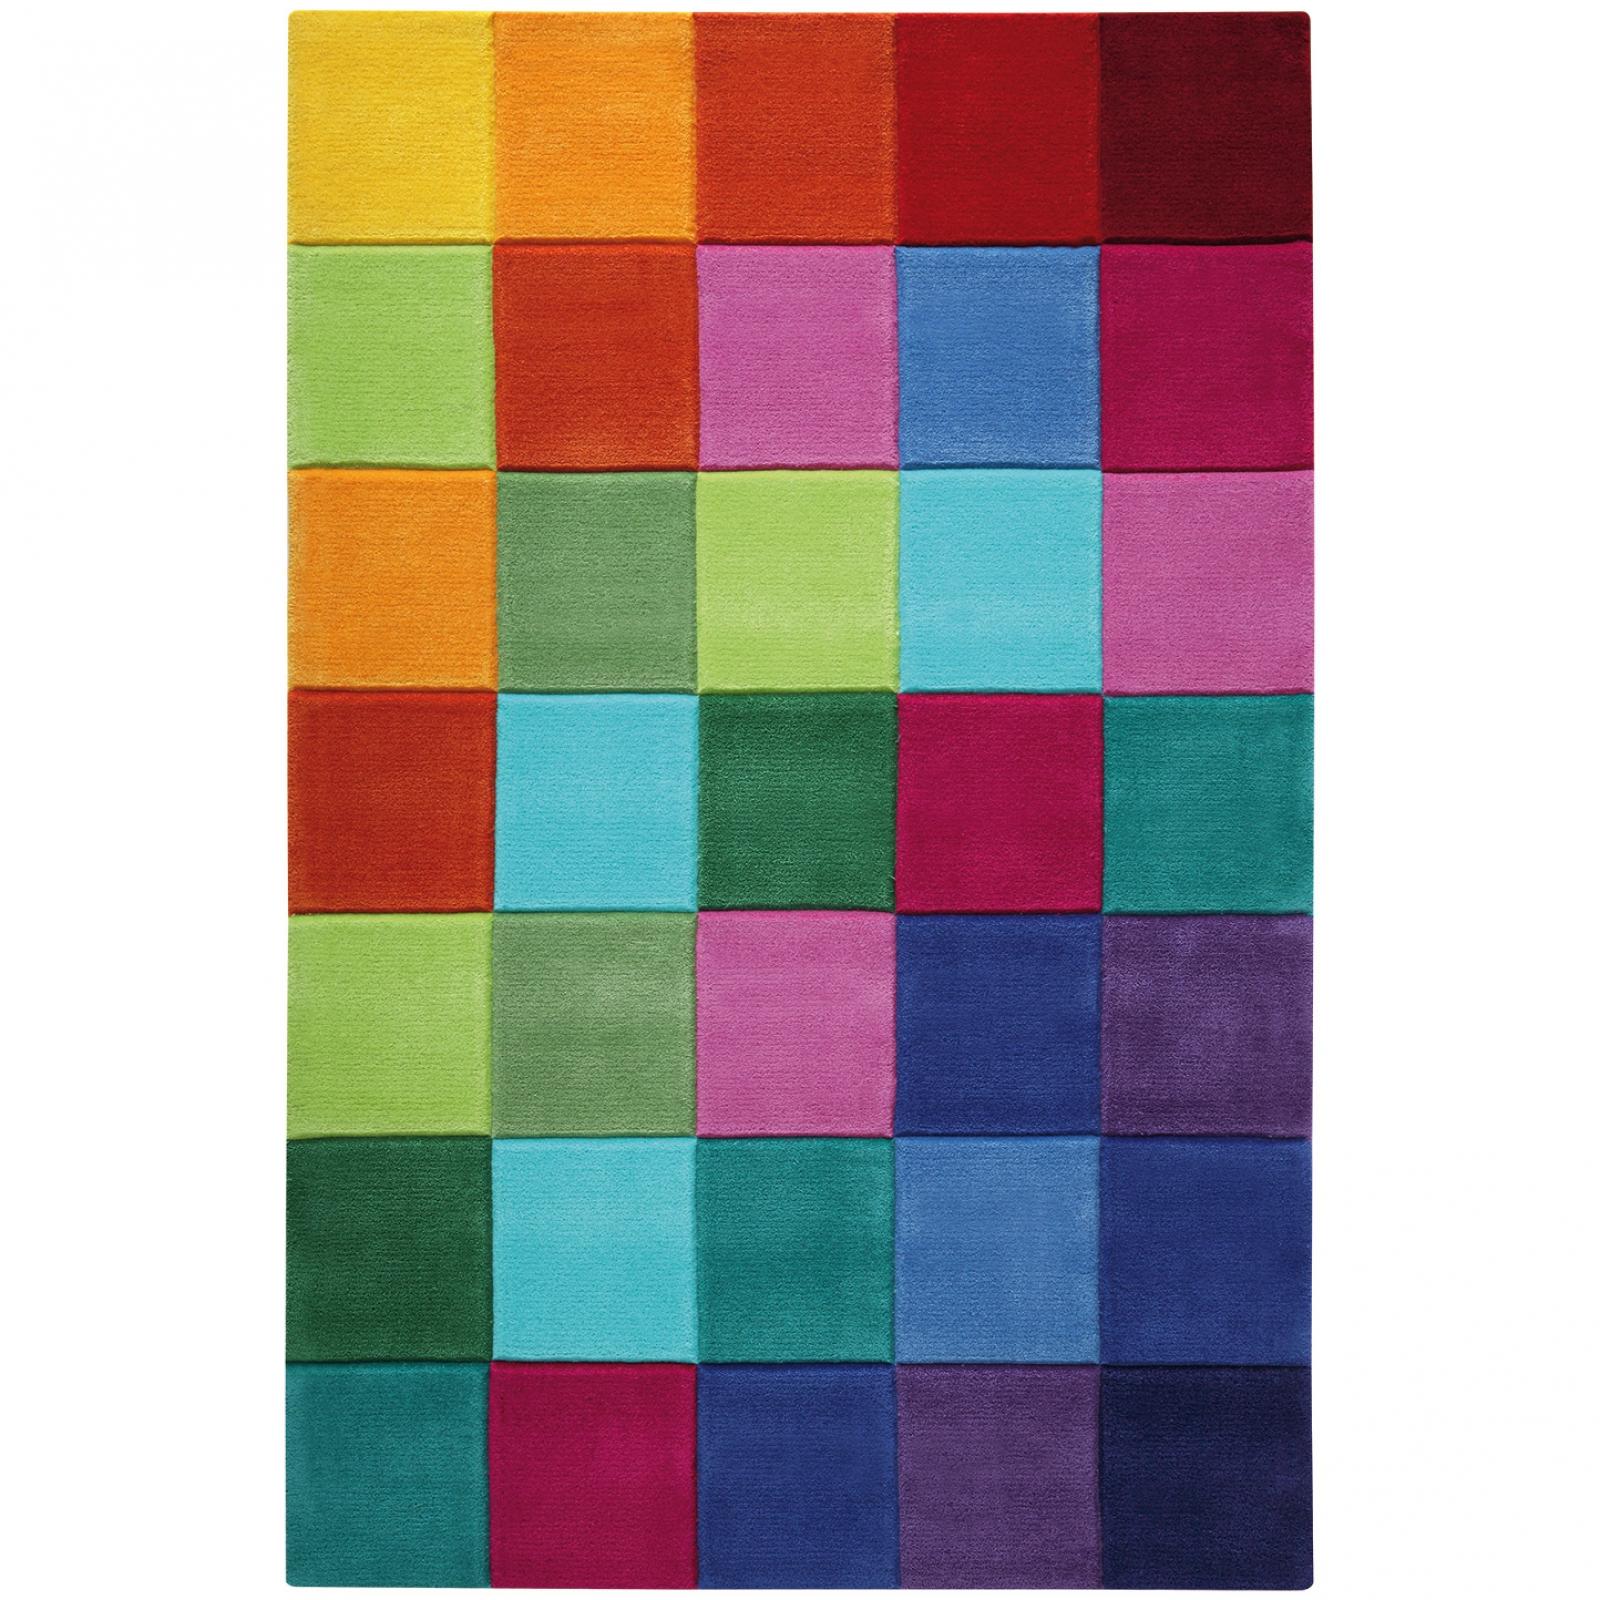 Vite un tapis pour ma chambre : Tapis smart square petits carreaux multicolores 150 x 220